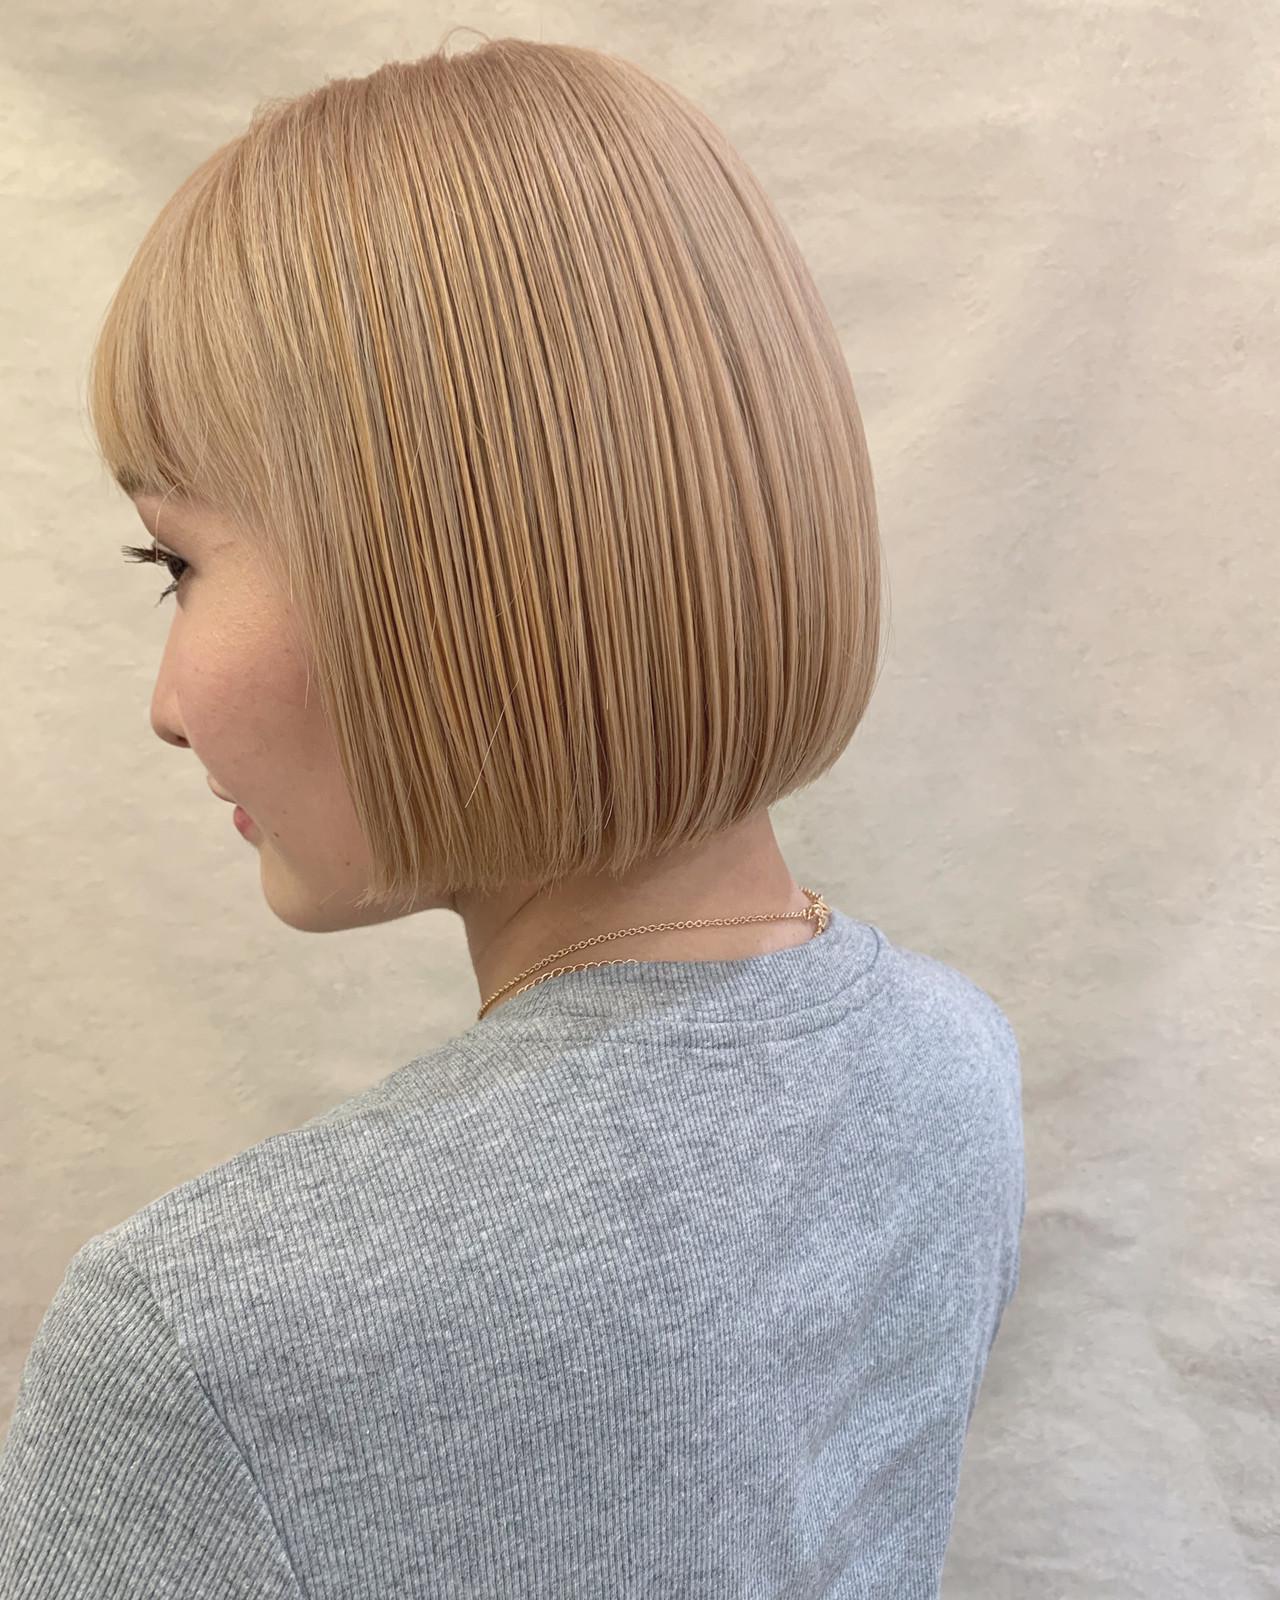 スポーツ アウトドア モード ゆるふわ ヘアスタイルや髪型の写真・画像 | 安永怜 / kakimotoarms田園調布